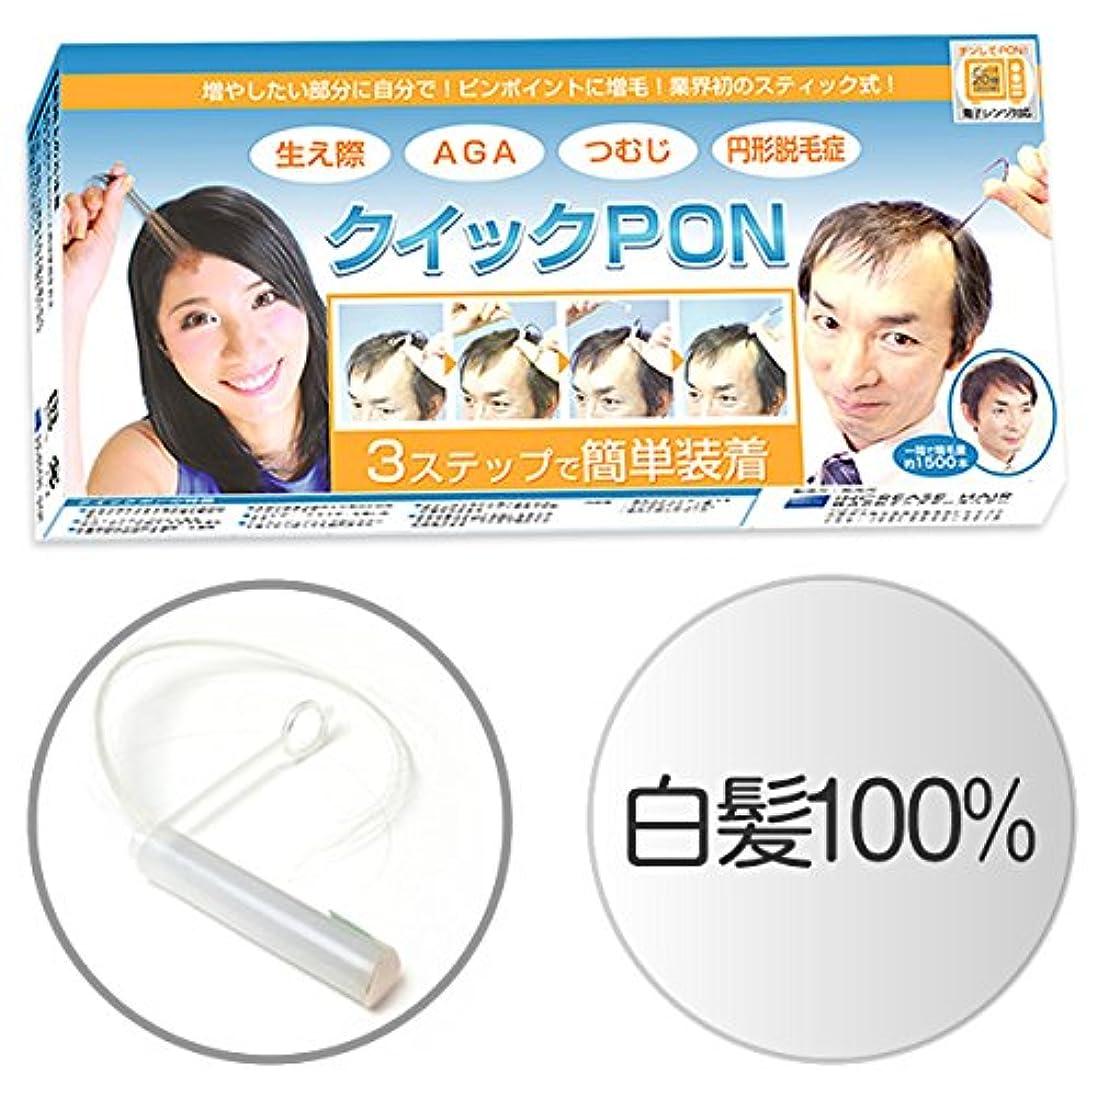 居間付与竜巻クイックPON レギュラー 27スティック入り (白髪100%)